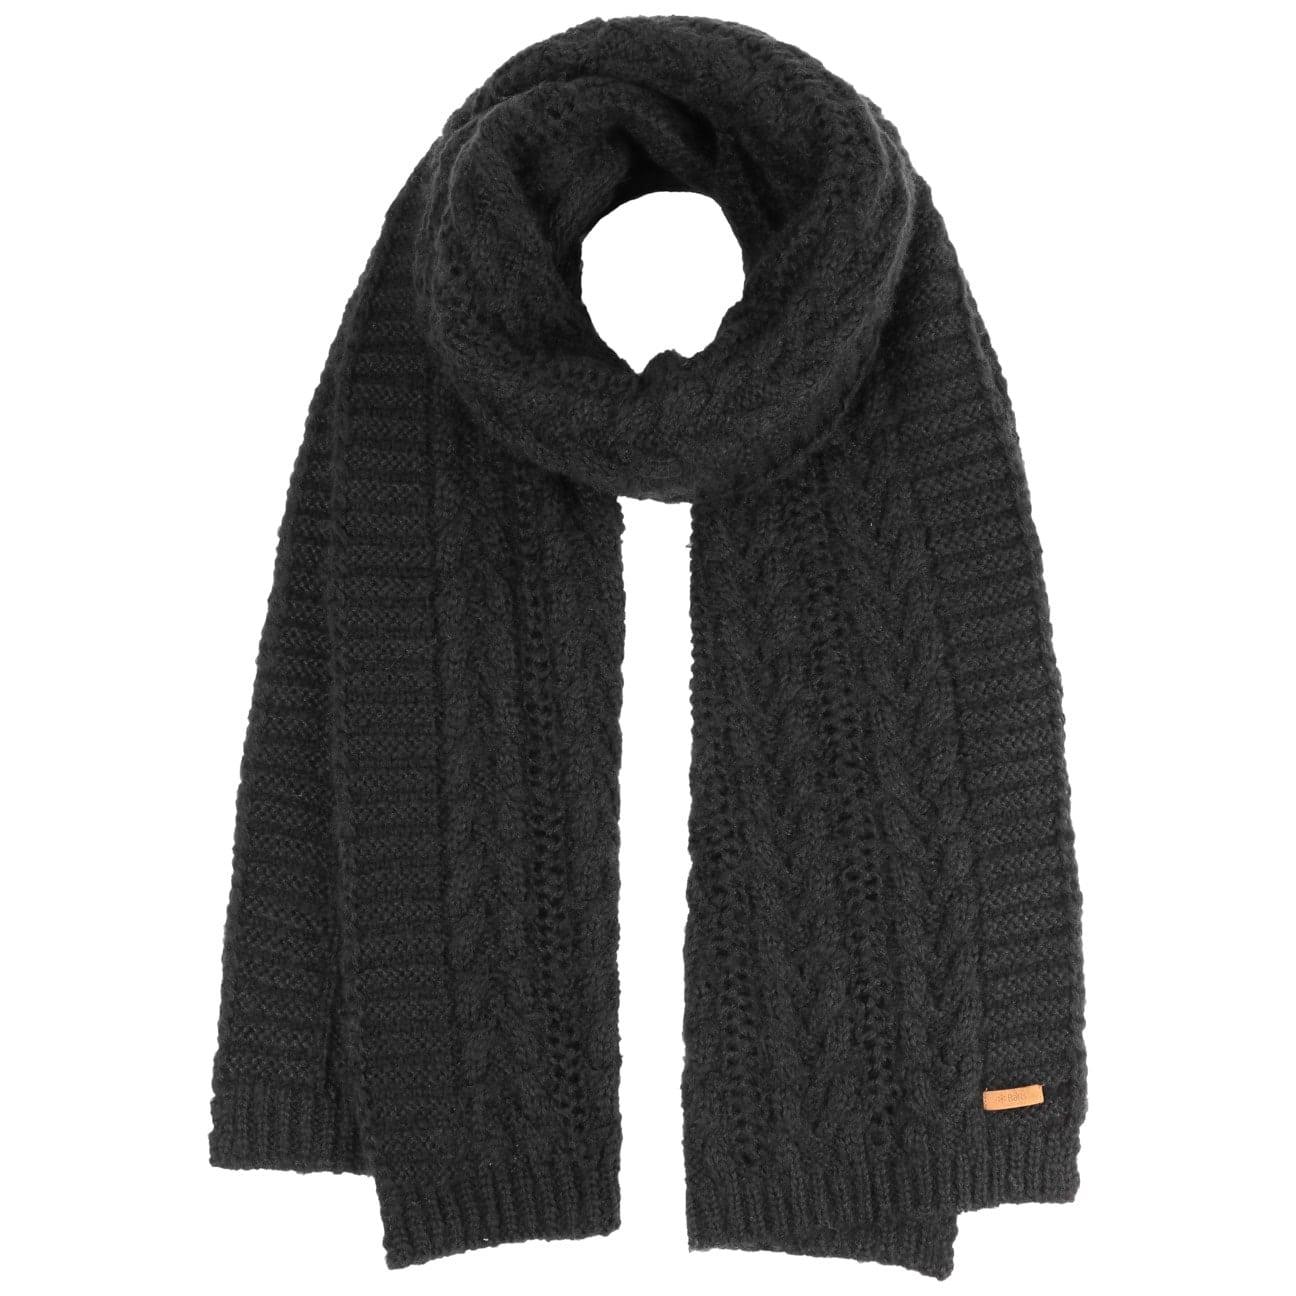 anemone-strickschal-by-barts-winterschal